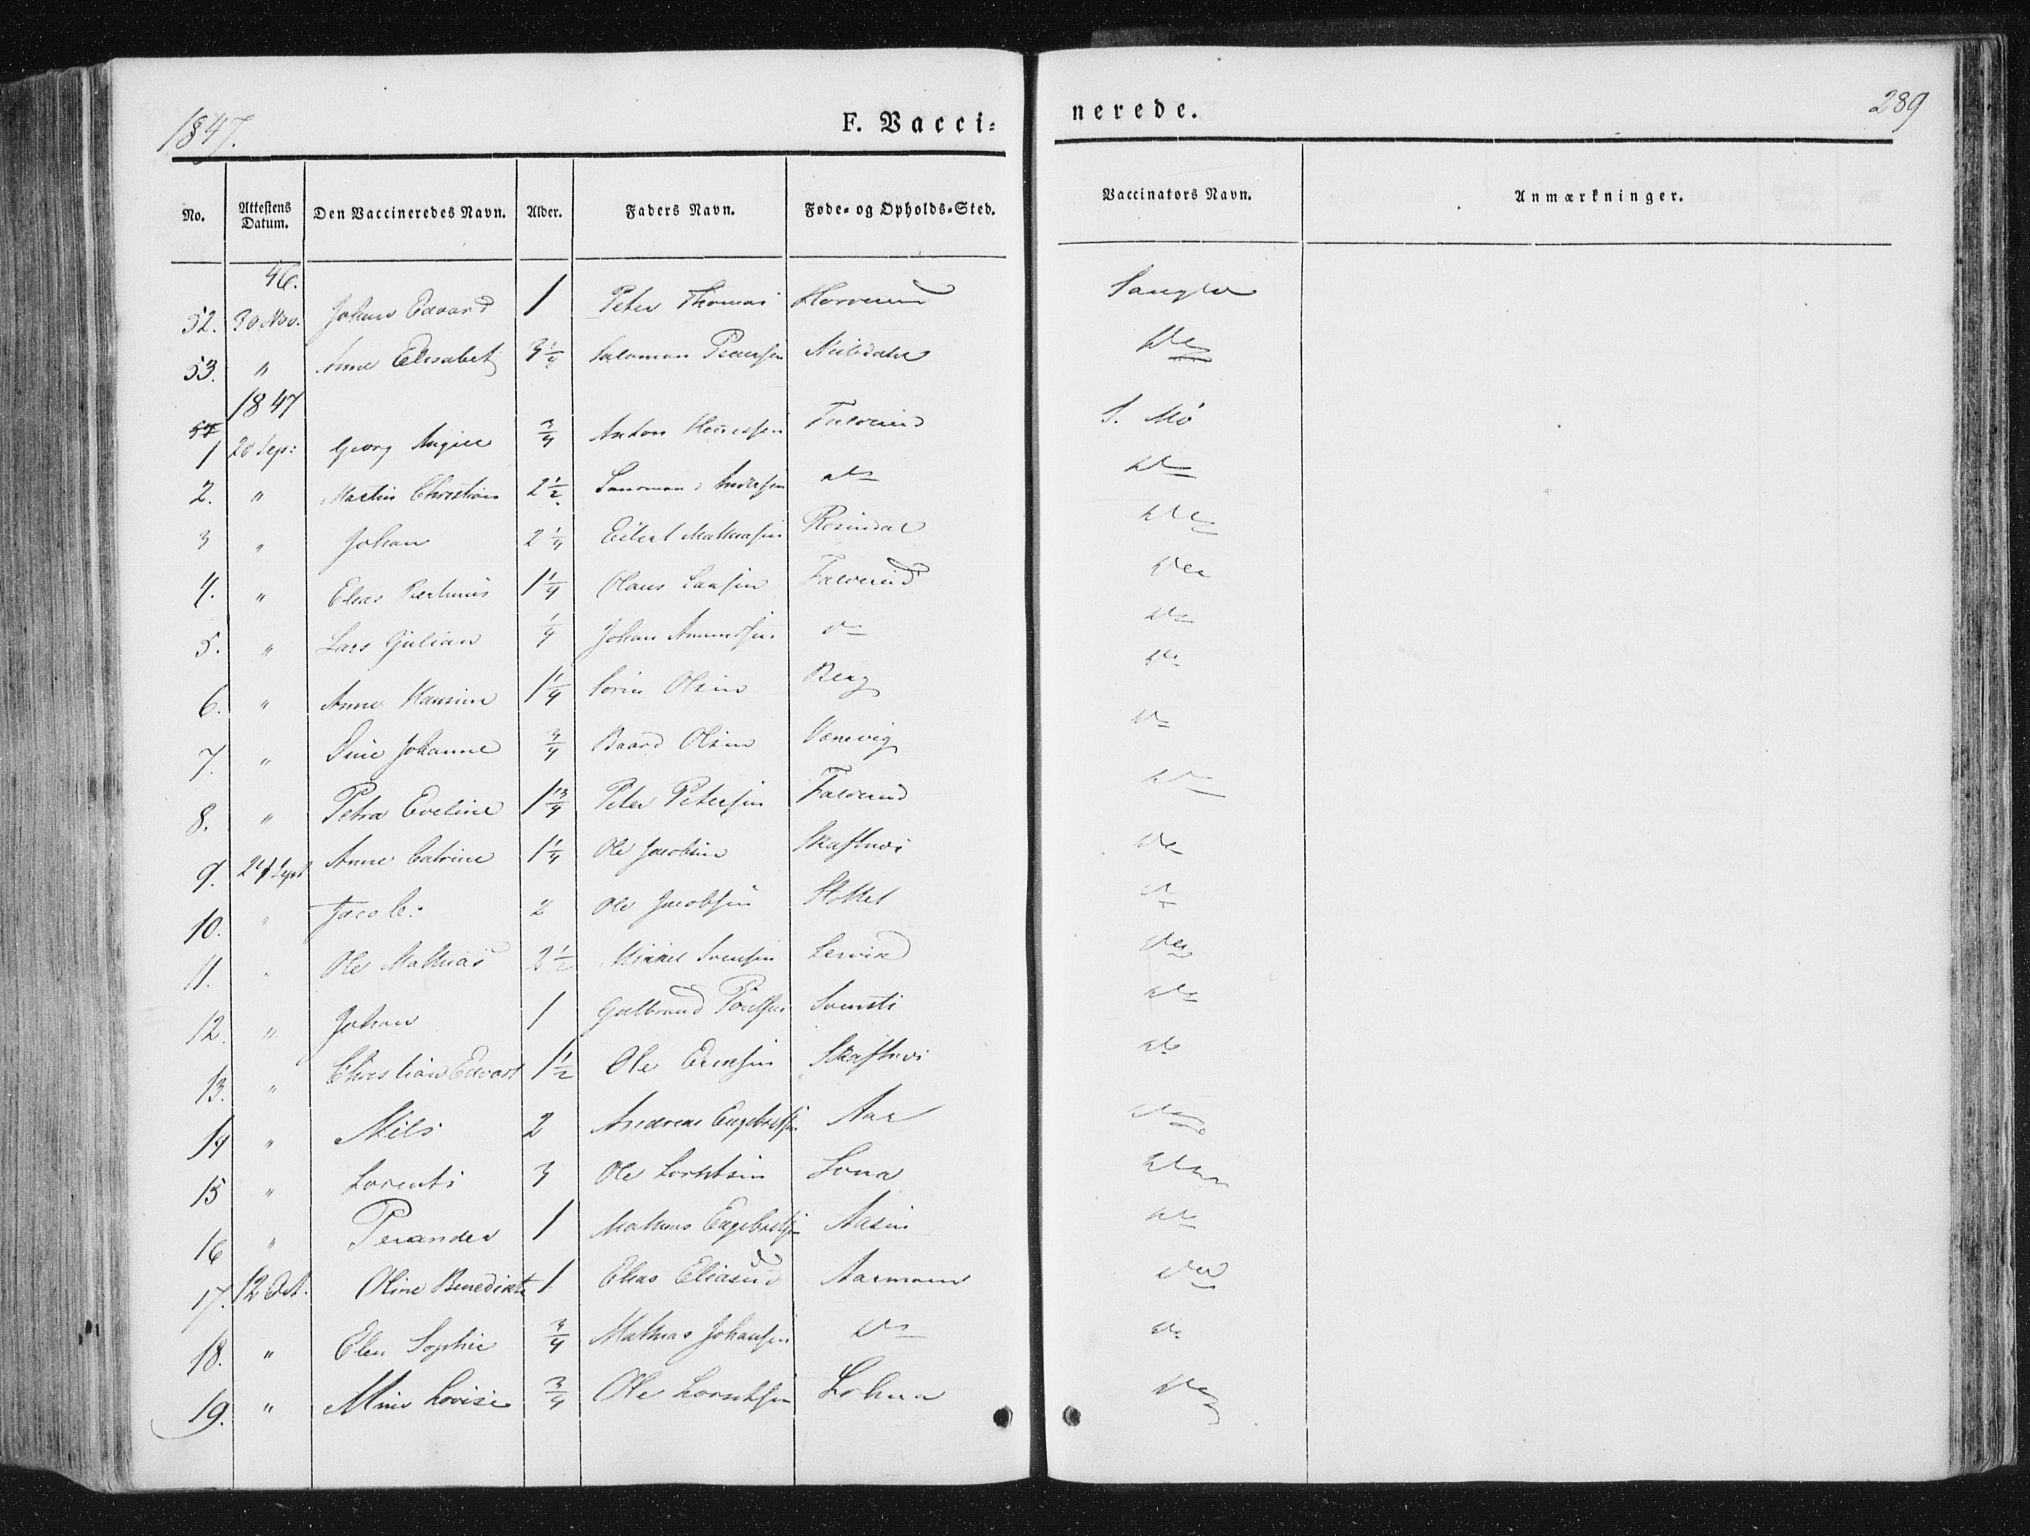 SAT, Ministerialprotokoller, klokkerbøker og fødselsregistre - Nord-Trøndelag, 780/L0640: Ministerialbok nr. 780A05, 1845-1856, s. 289